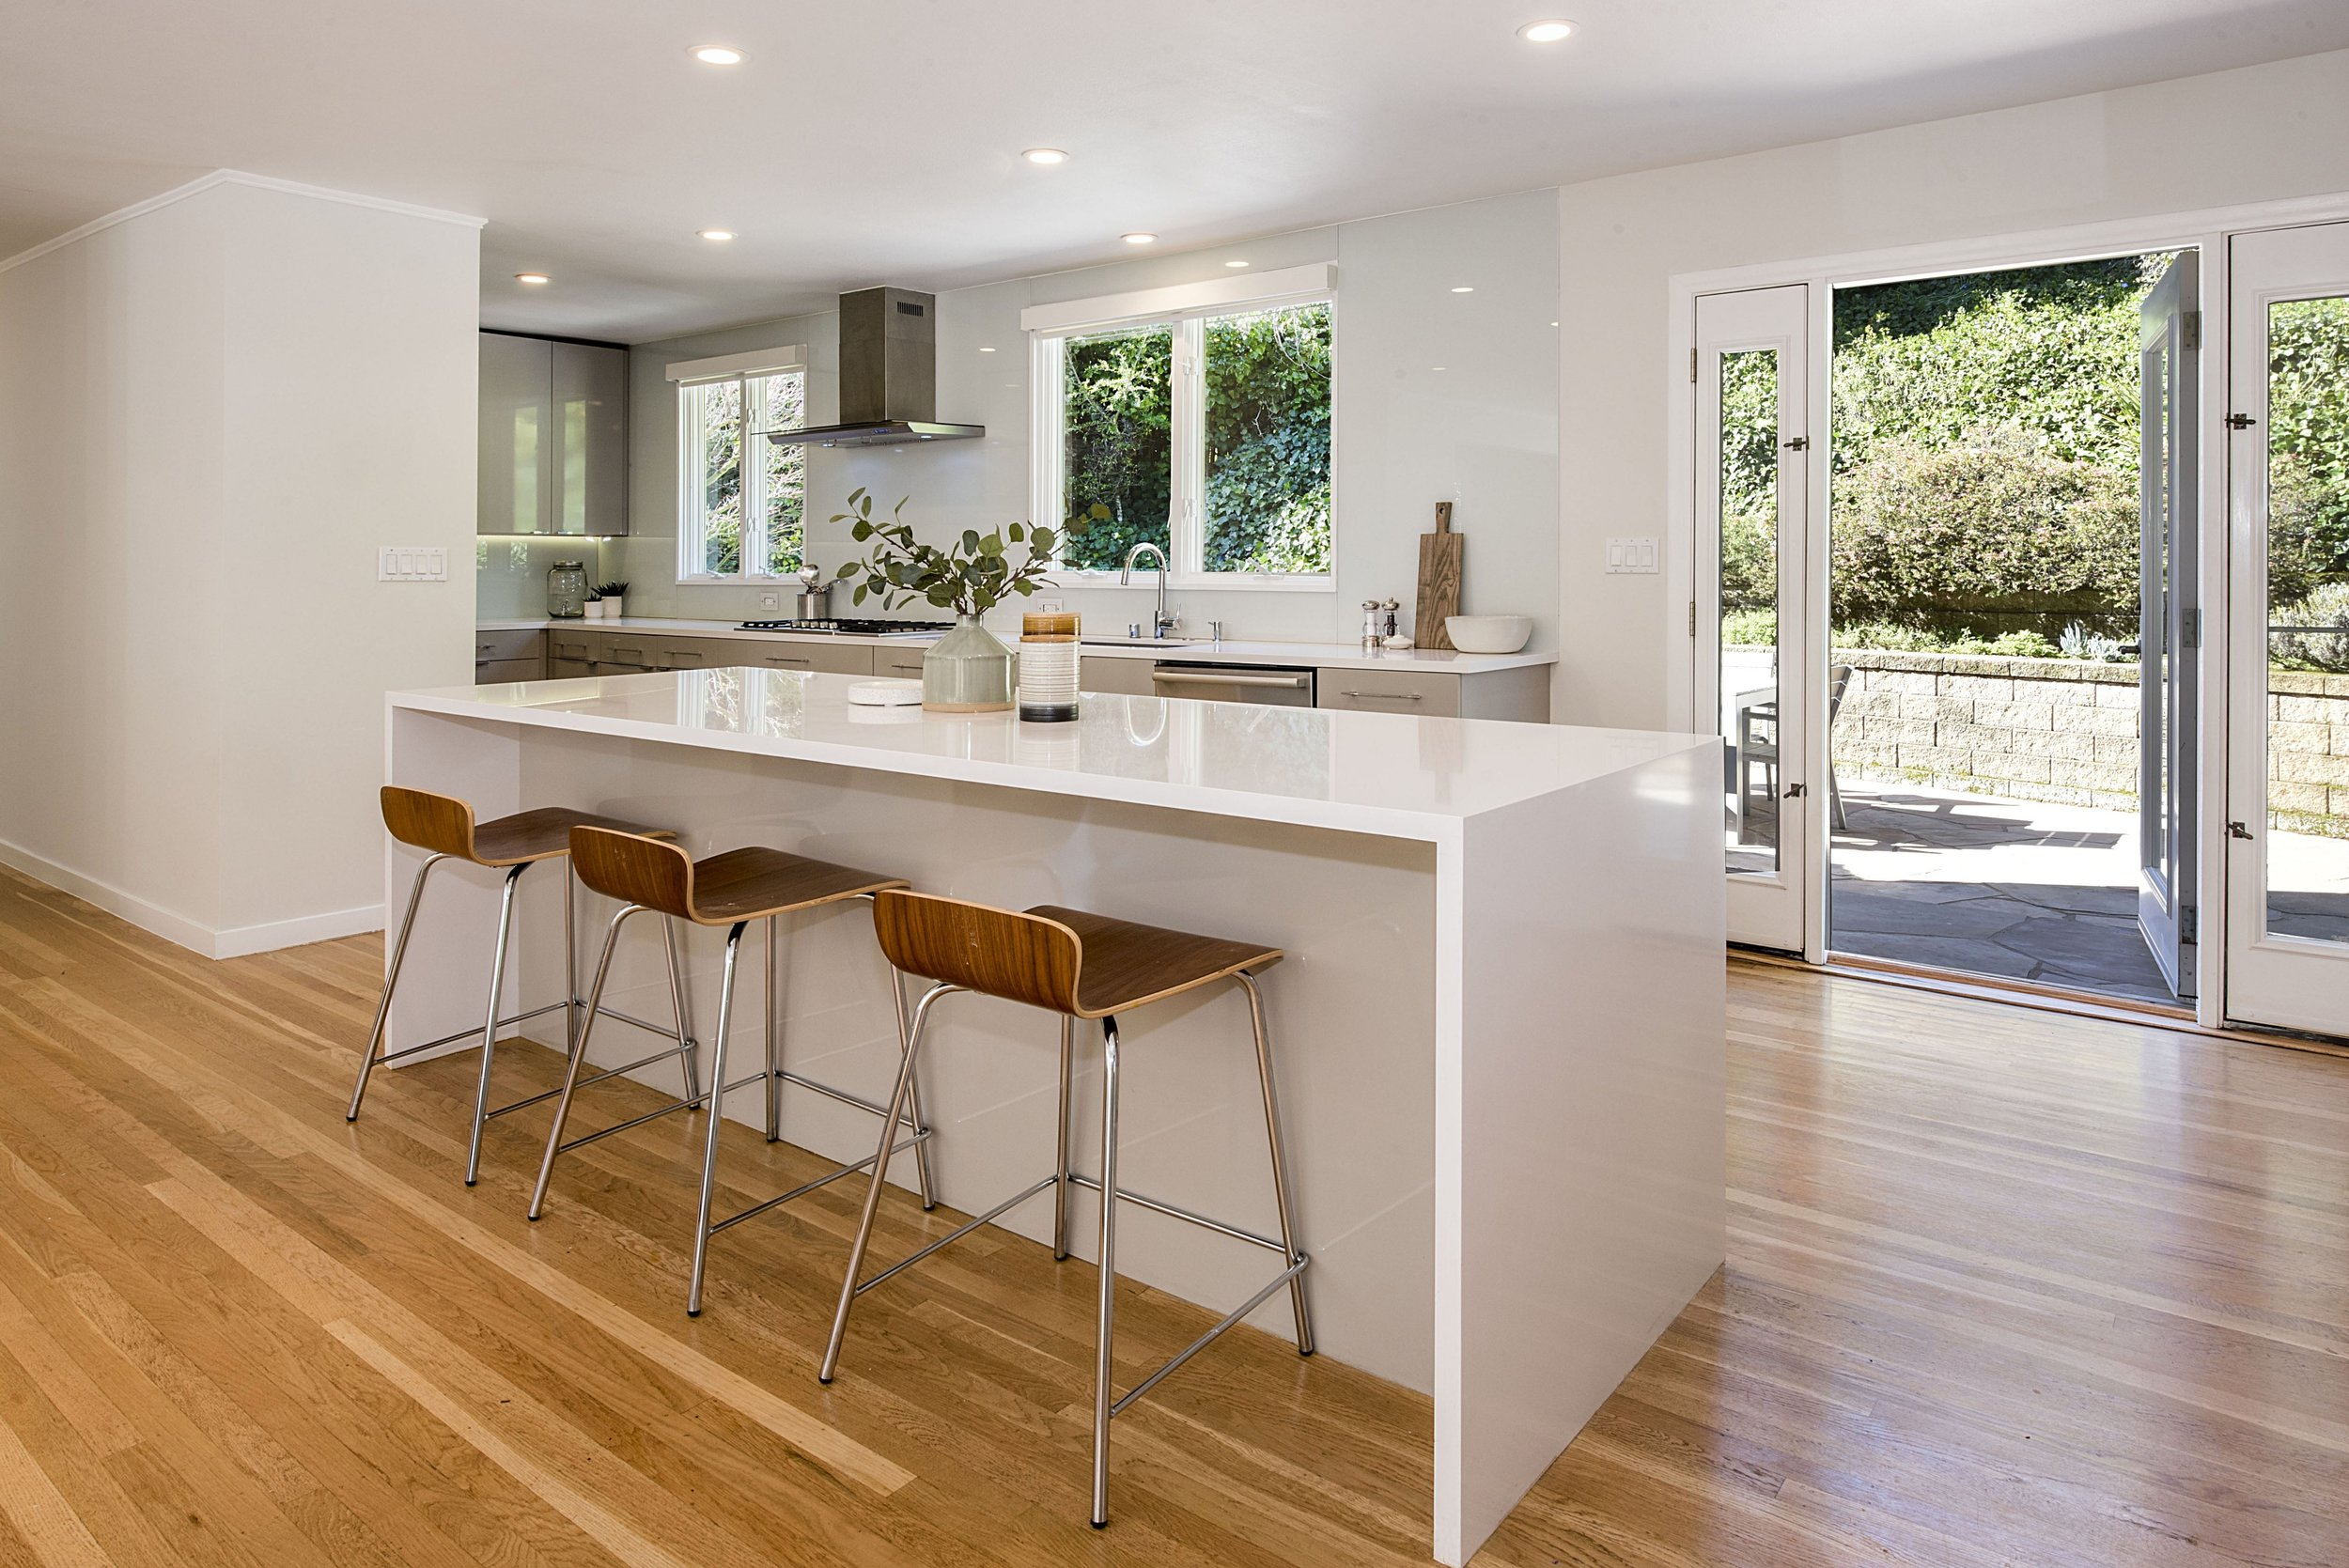 Kitchen_DSC_3975.jpg